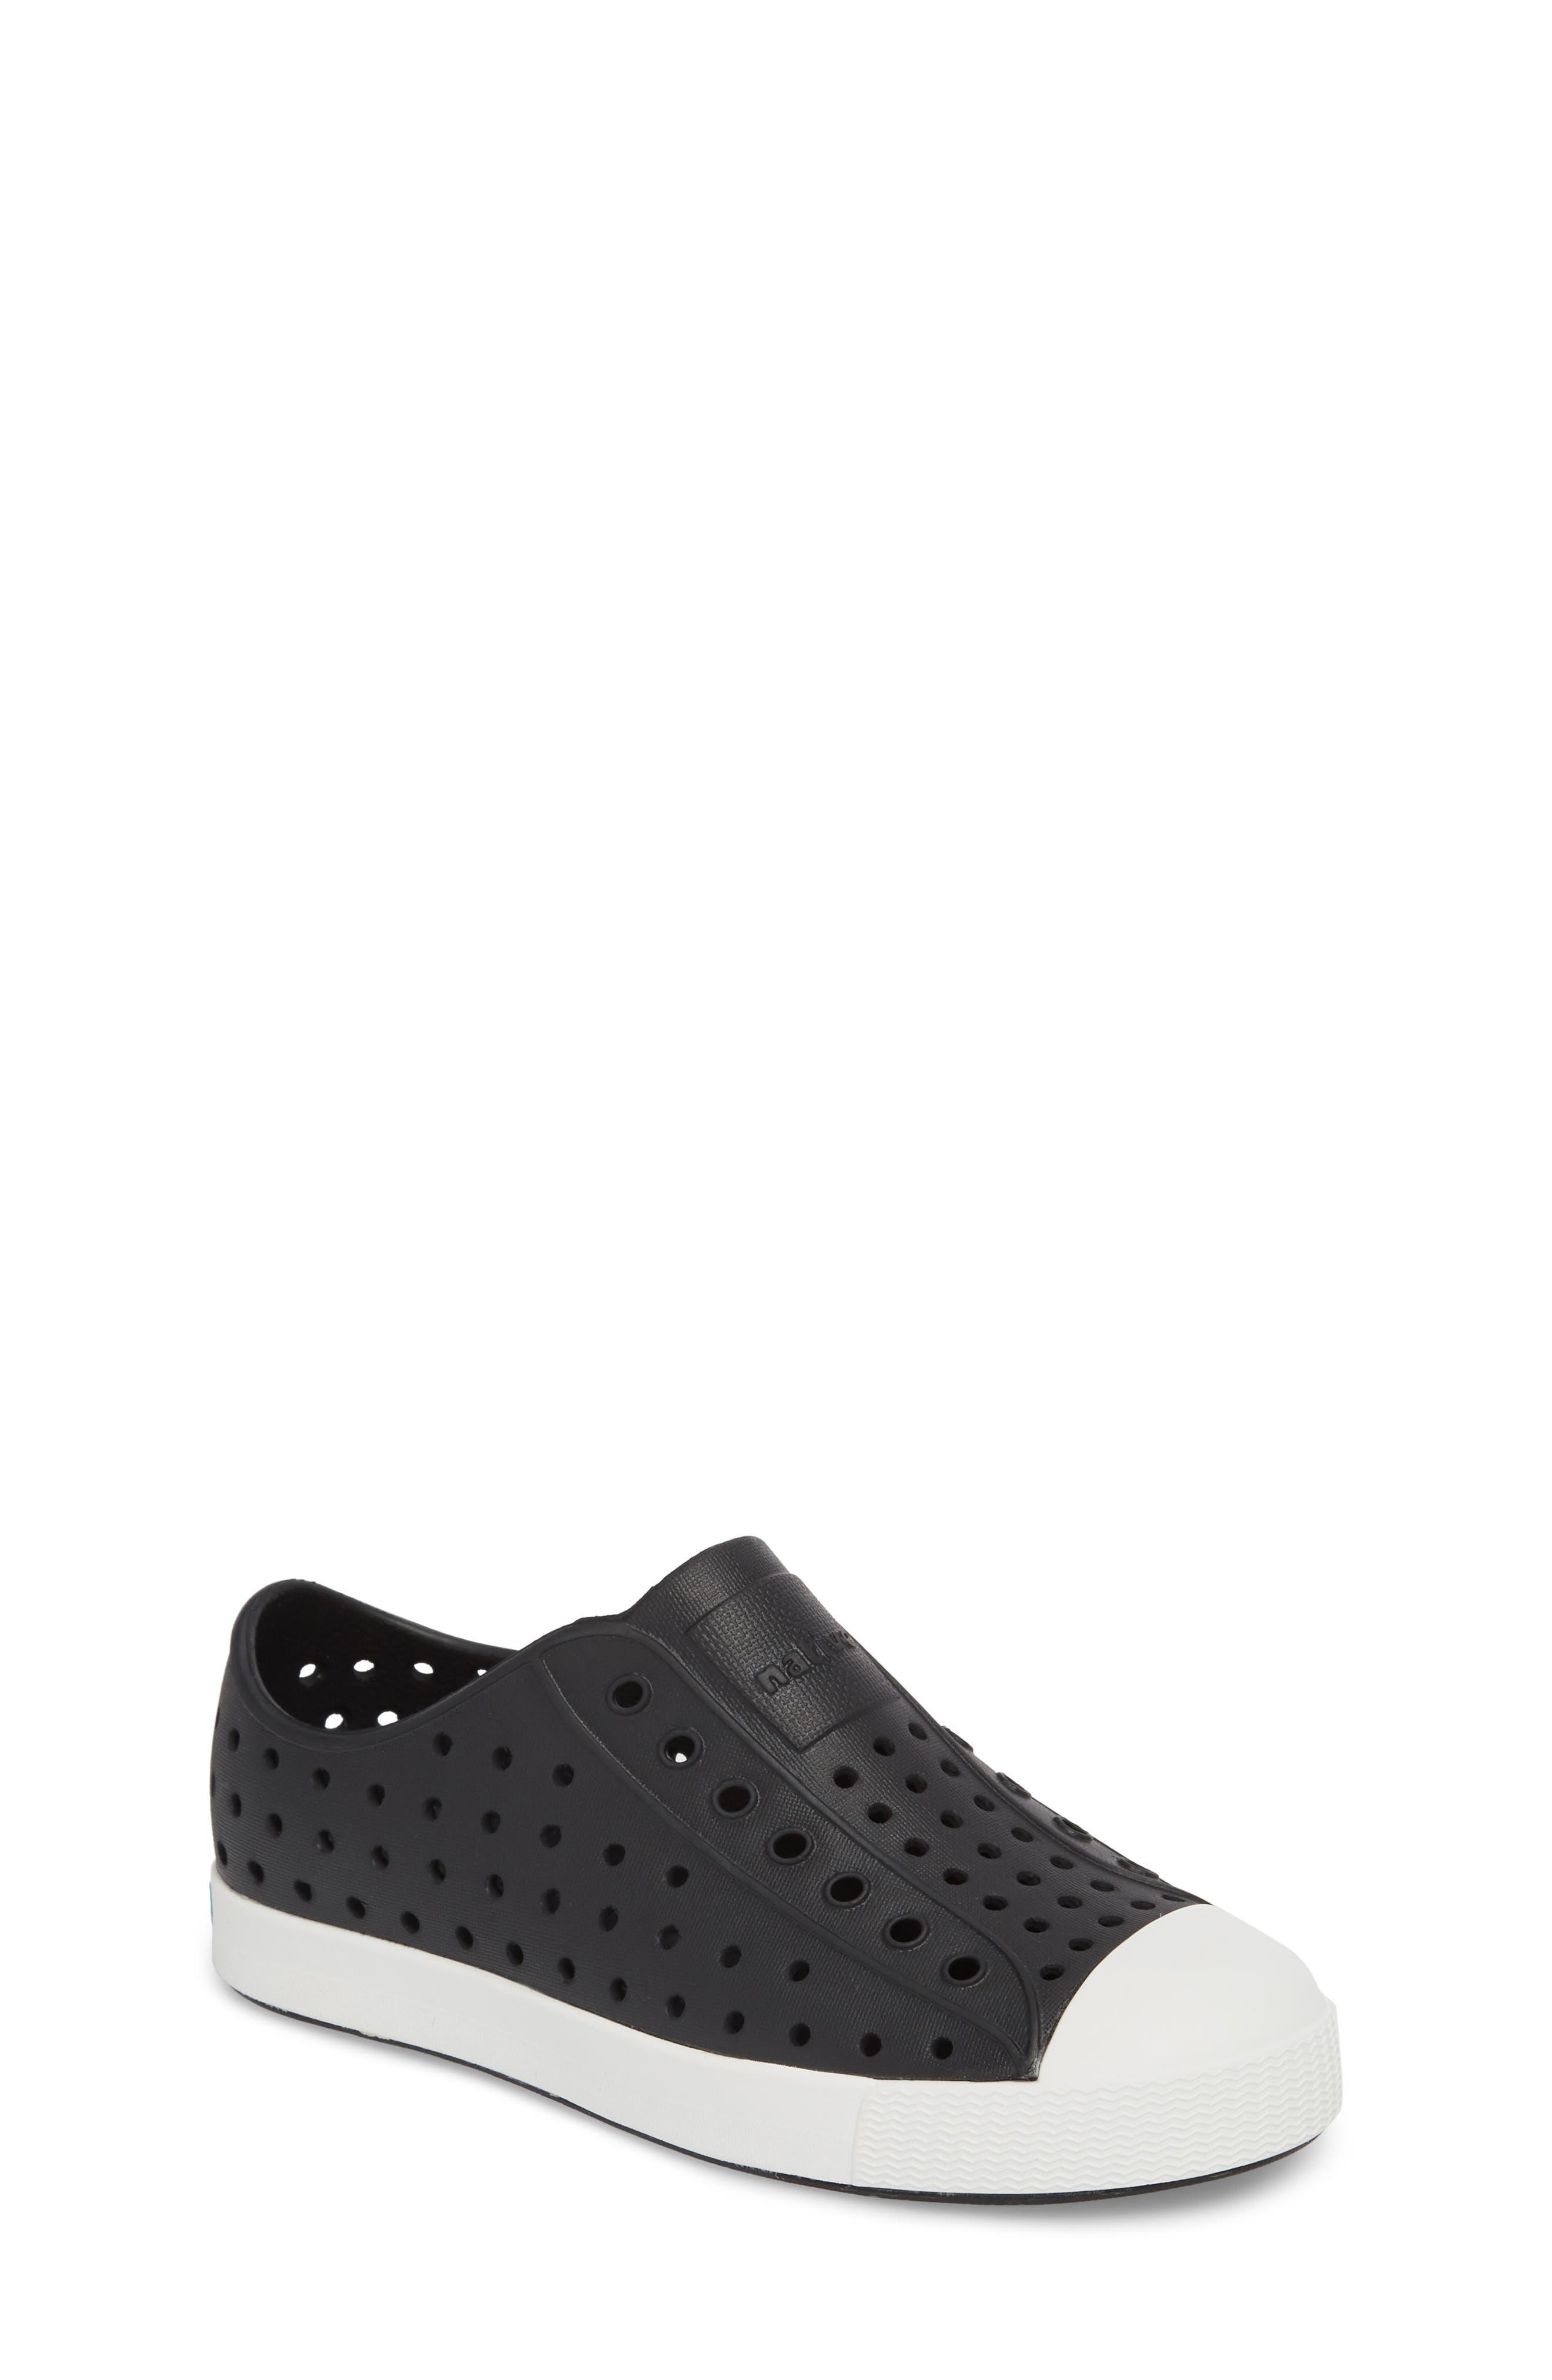 3d4da5d3379 Kid s Native Shoes Jefferson Water Friendly Slip-On Vegan Sneaker